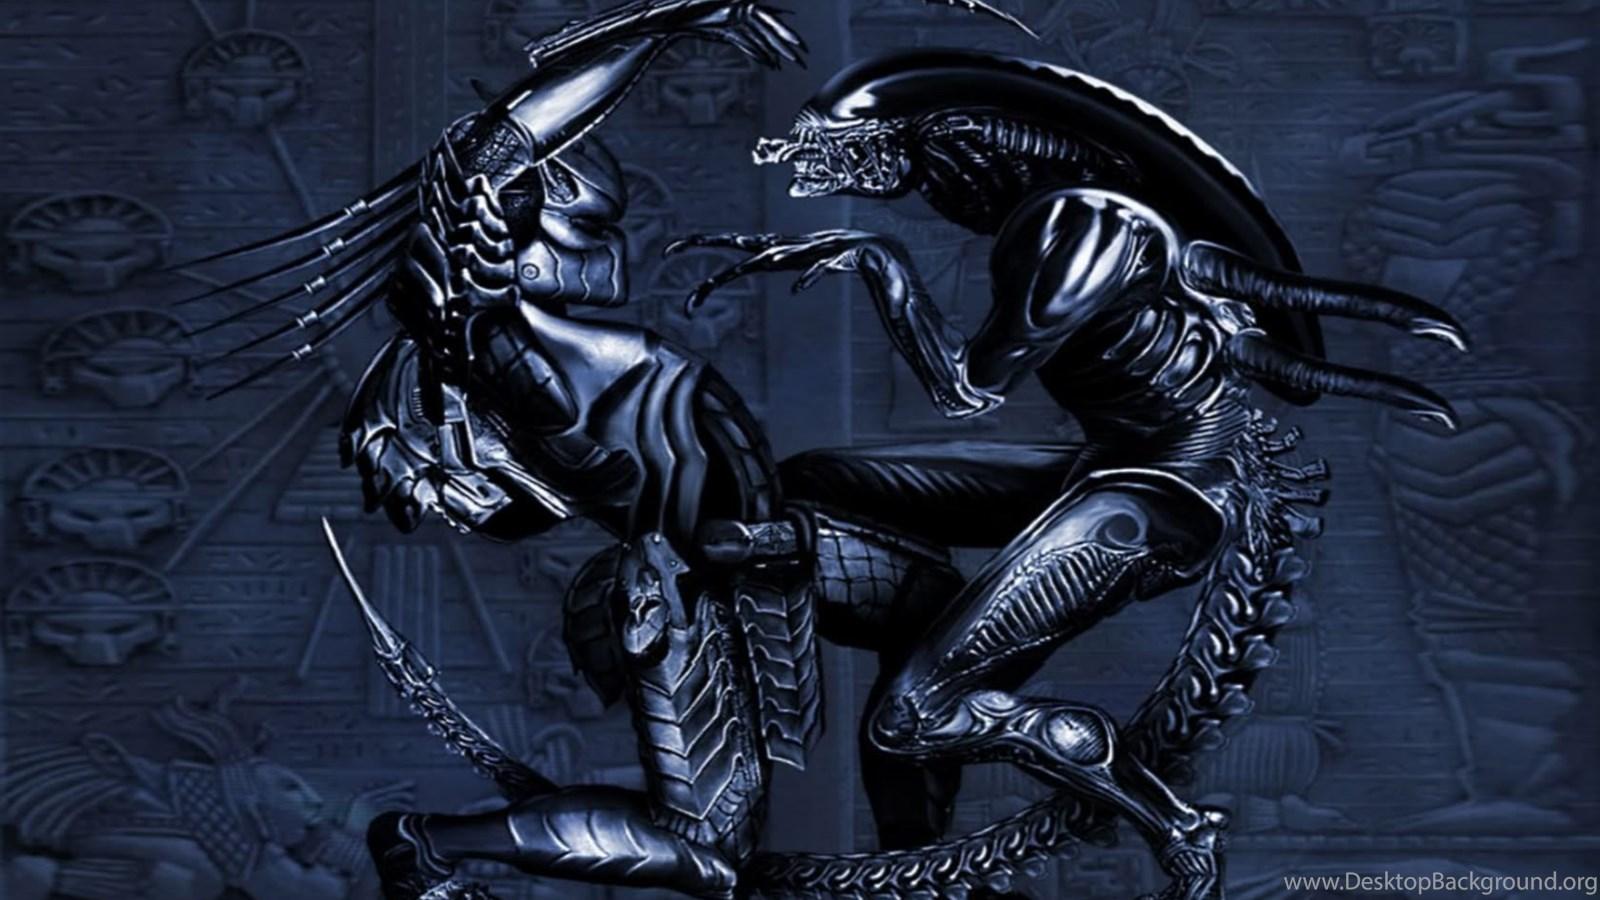 9 Alien Vs Predator Hd Wallpapers Desktop Background